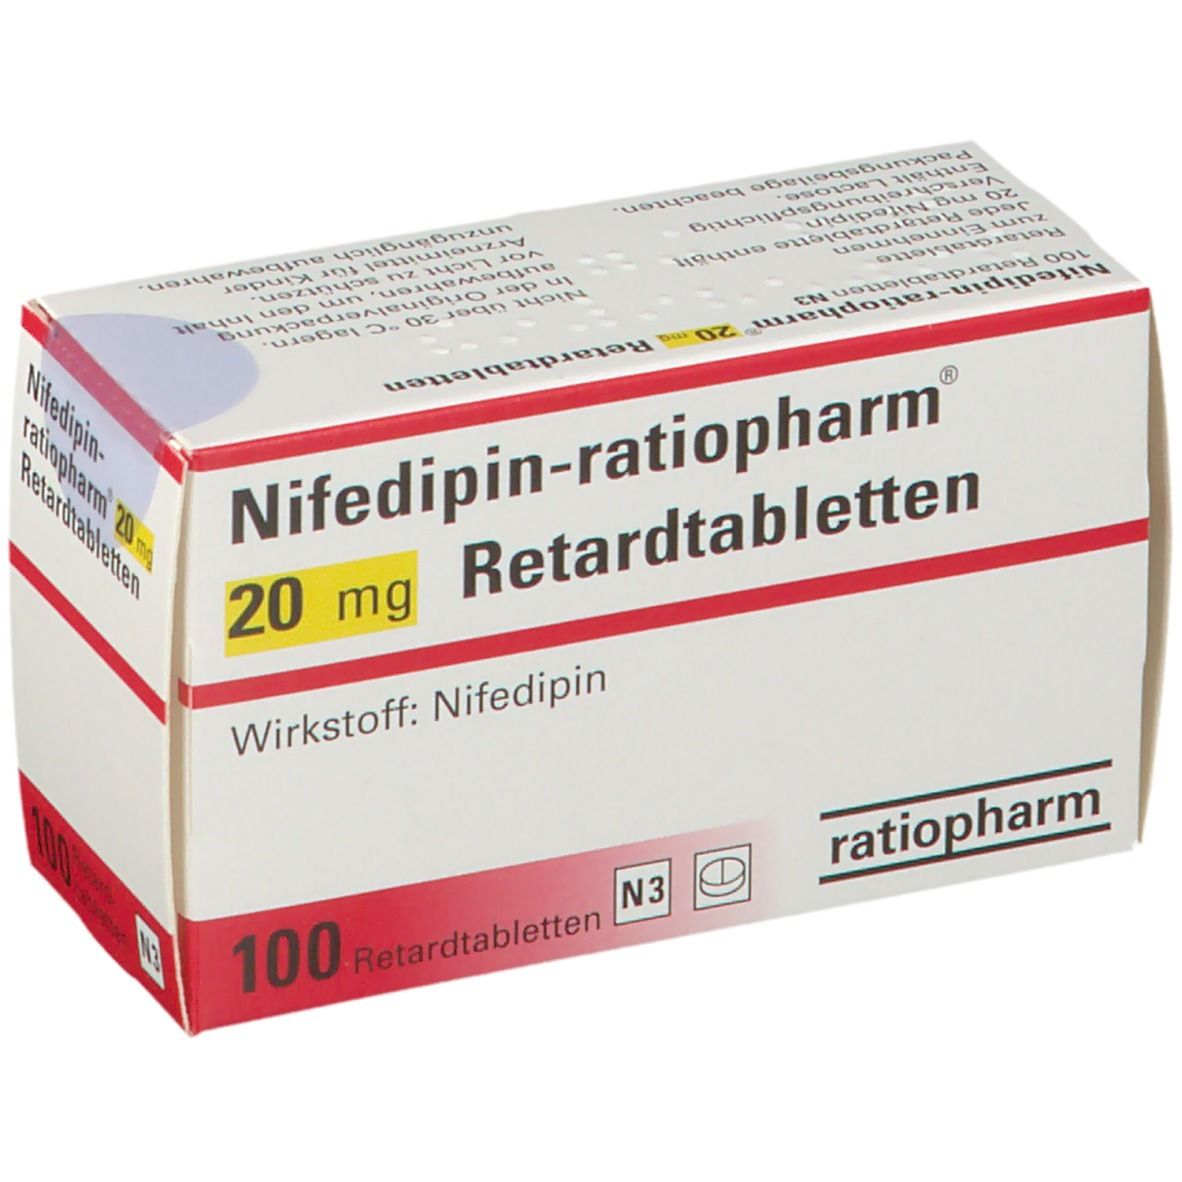 NIFEDIPIN ratiopharm 20 mg